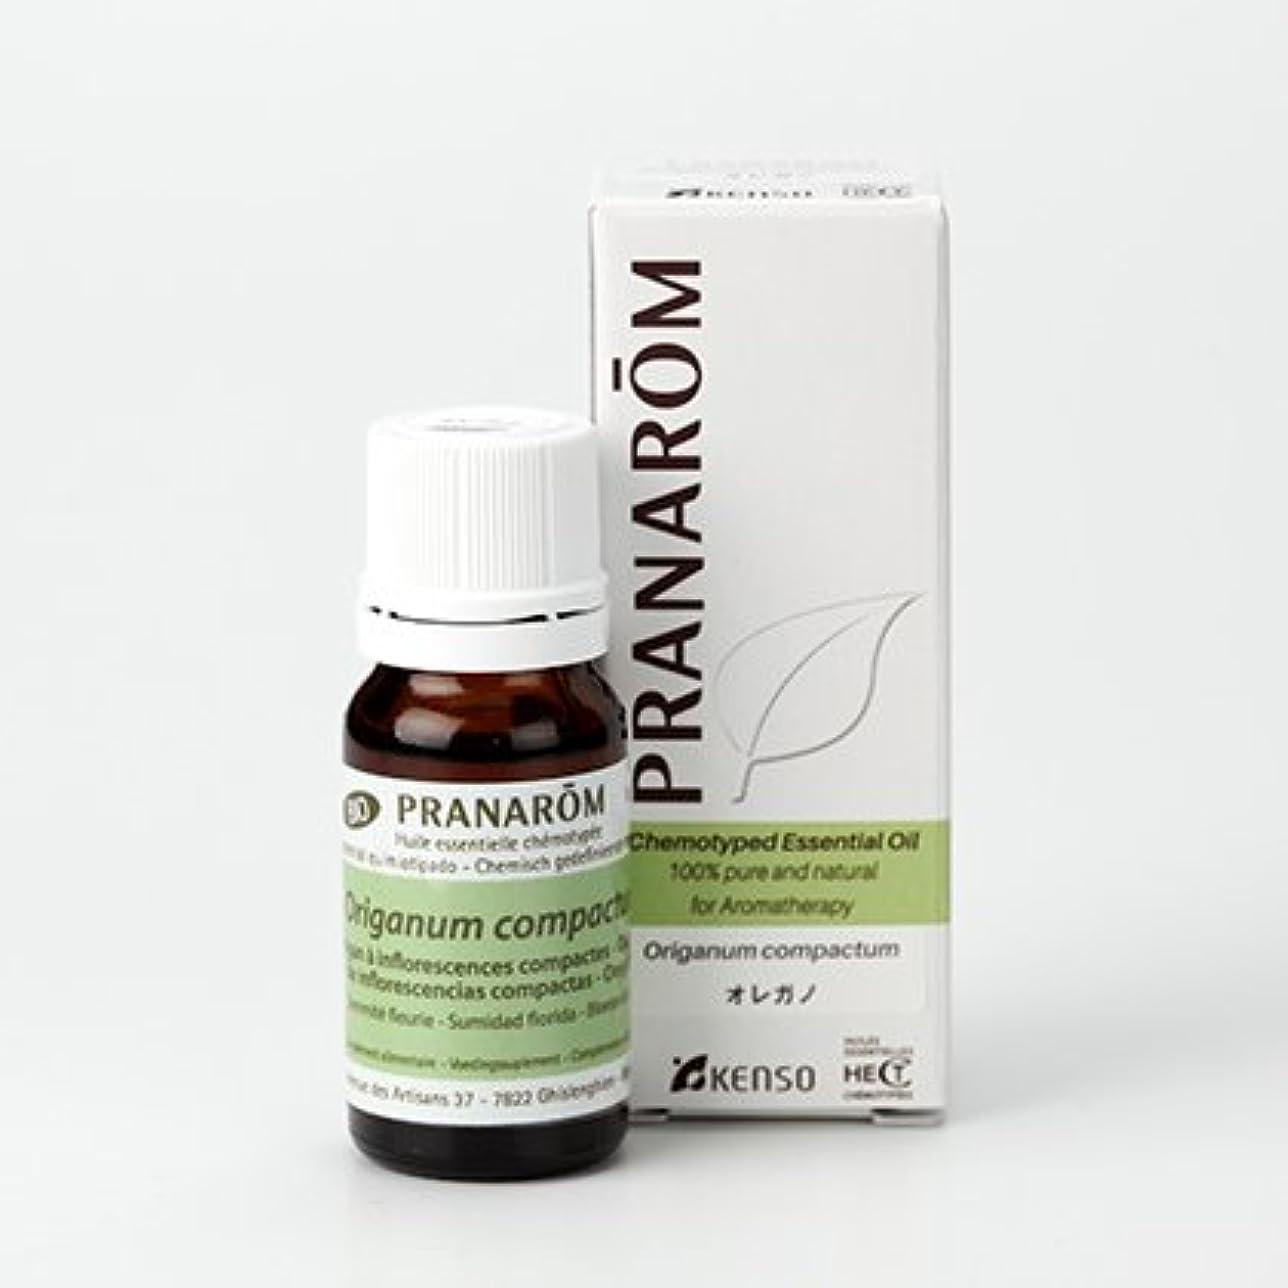 織る意気込み一致するオレガノ 10mlミドルノート プラナロム社エッセンシャルオイル(精油)